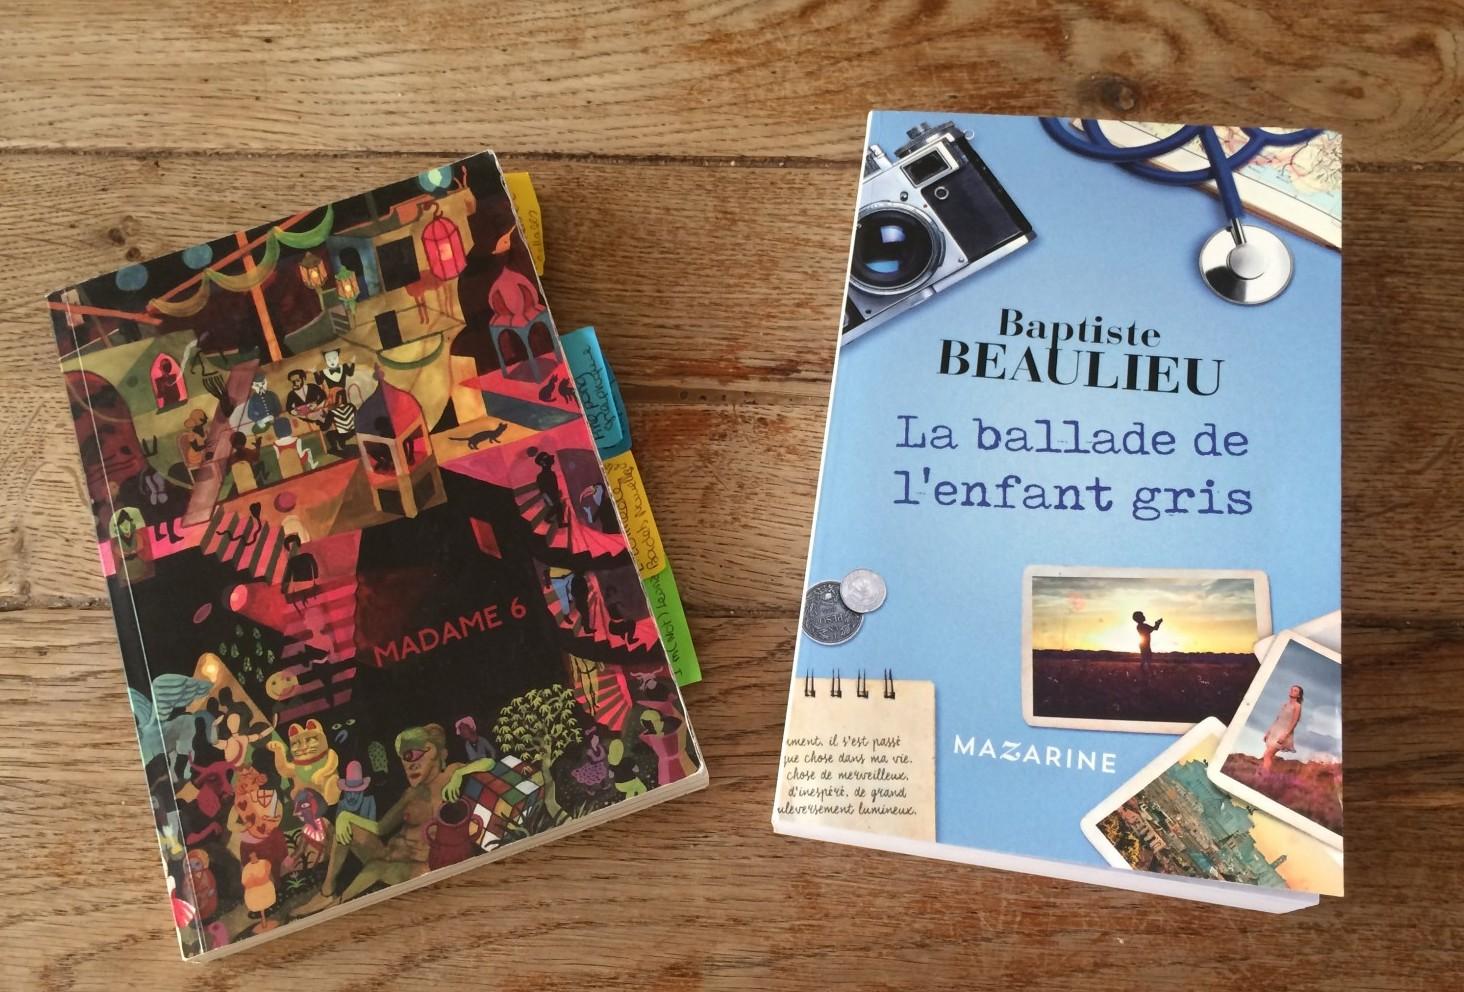 Madame 6 et La ballade de l'enfant gris deux ouvrages à découvrir. ©MD